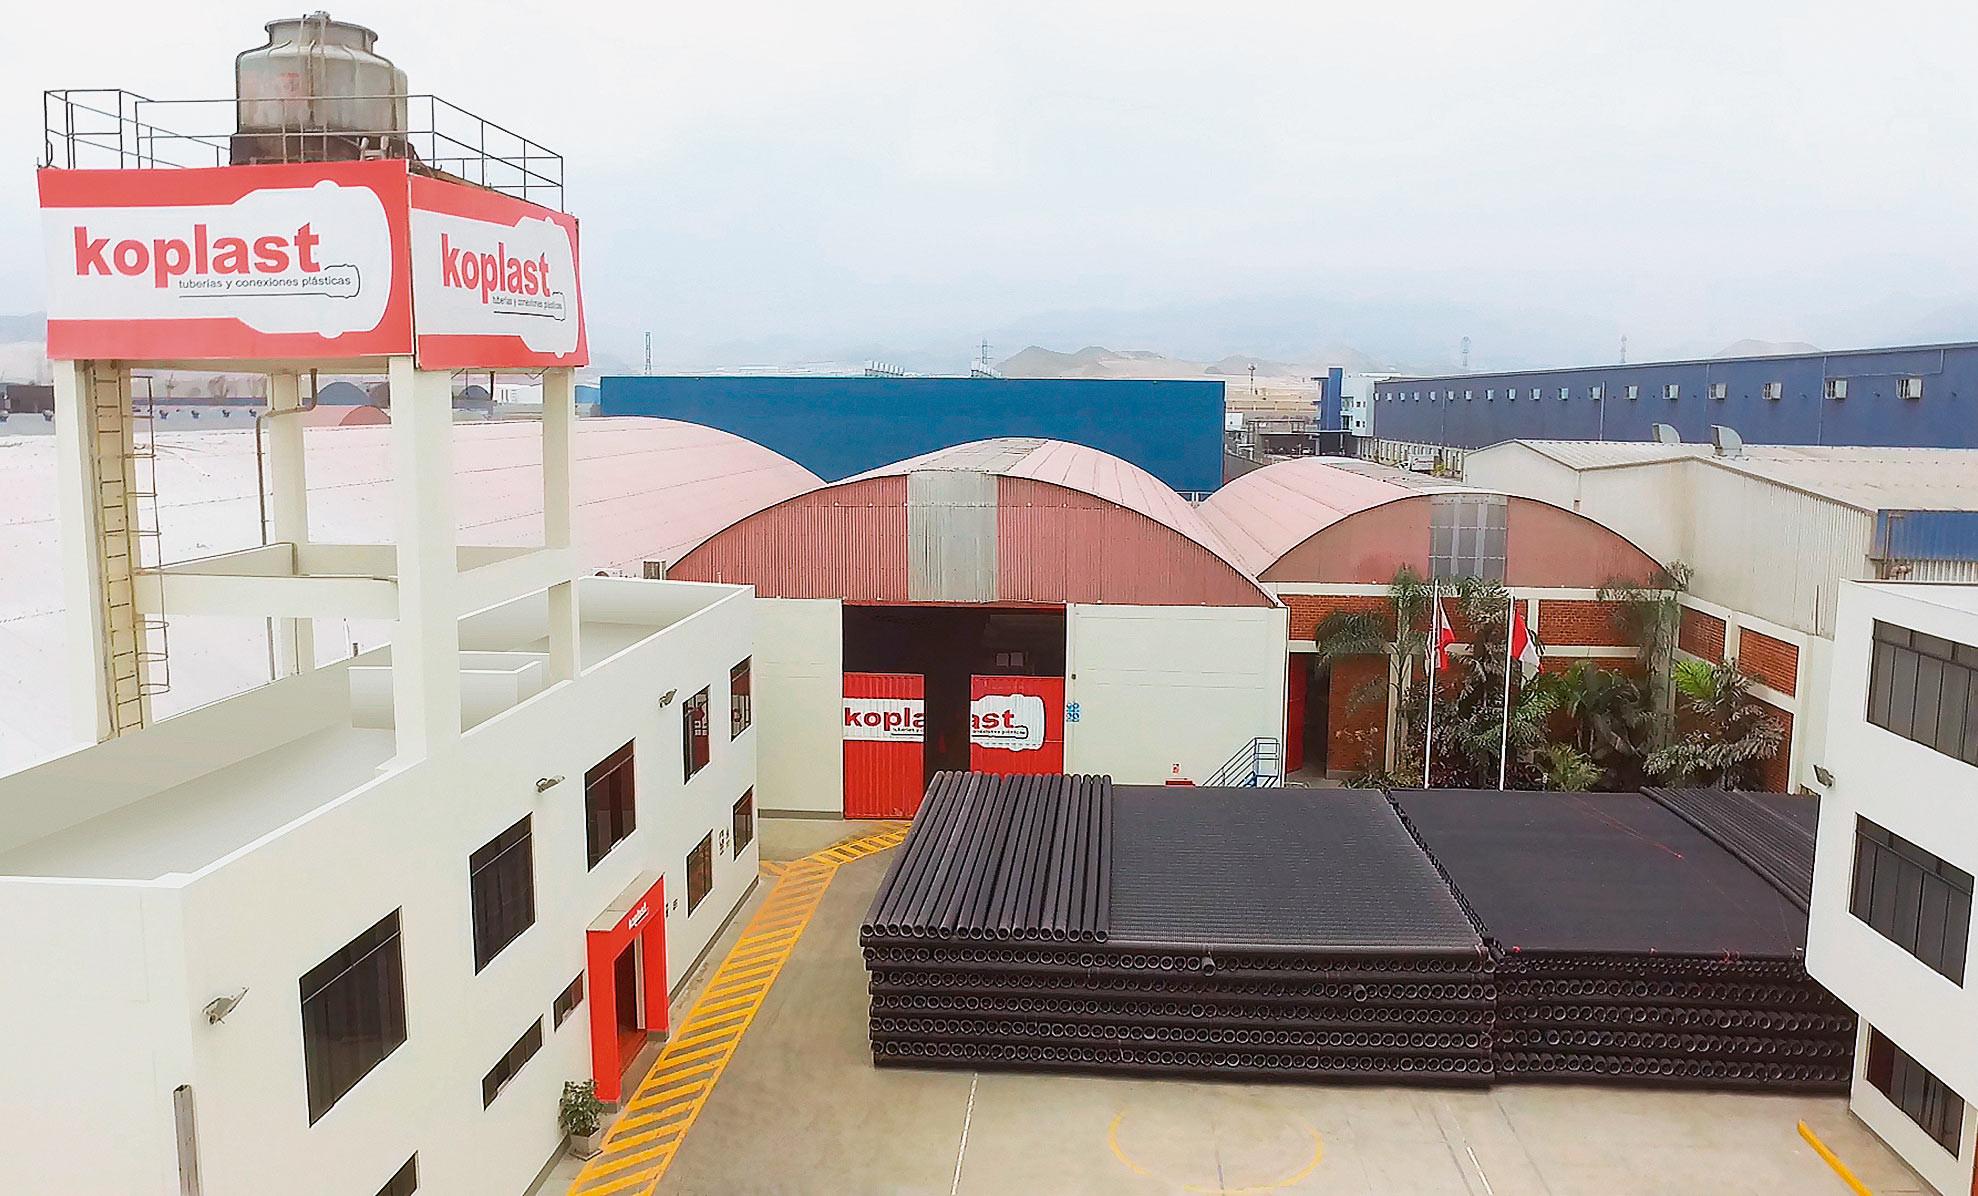 Foco en Koplast Industrial, proveedor de tuberías que ingresa a nuevos mercados en pandemia